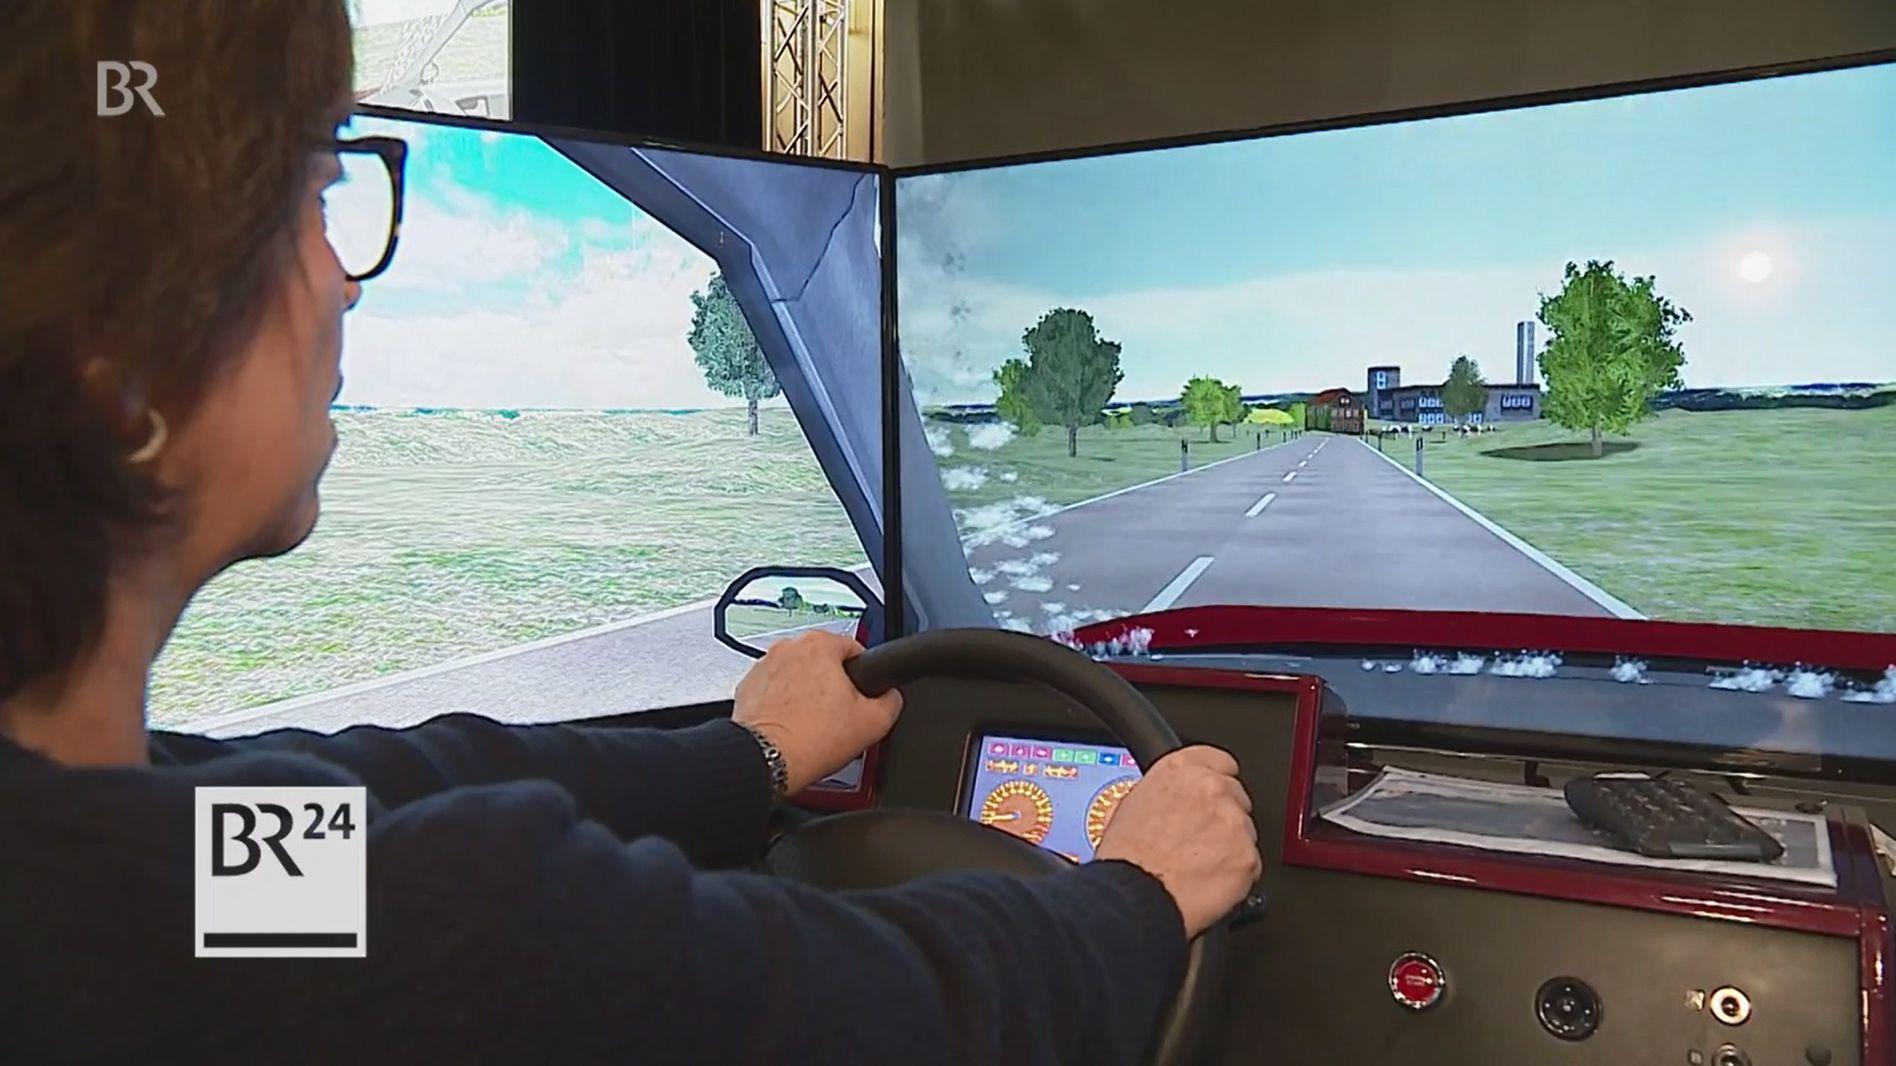 Eine Frau fährt in einem Fahrsimulator.